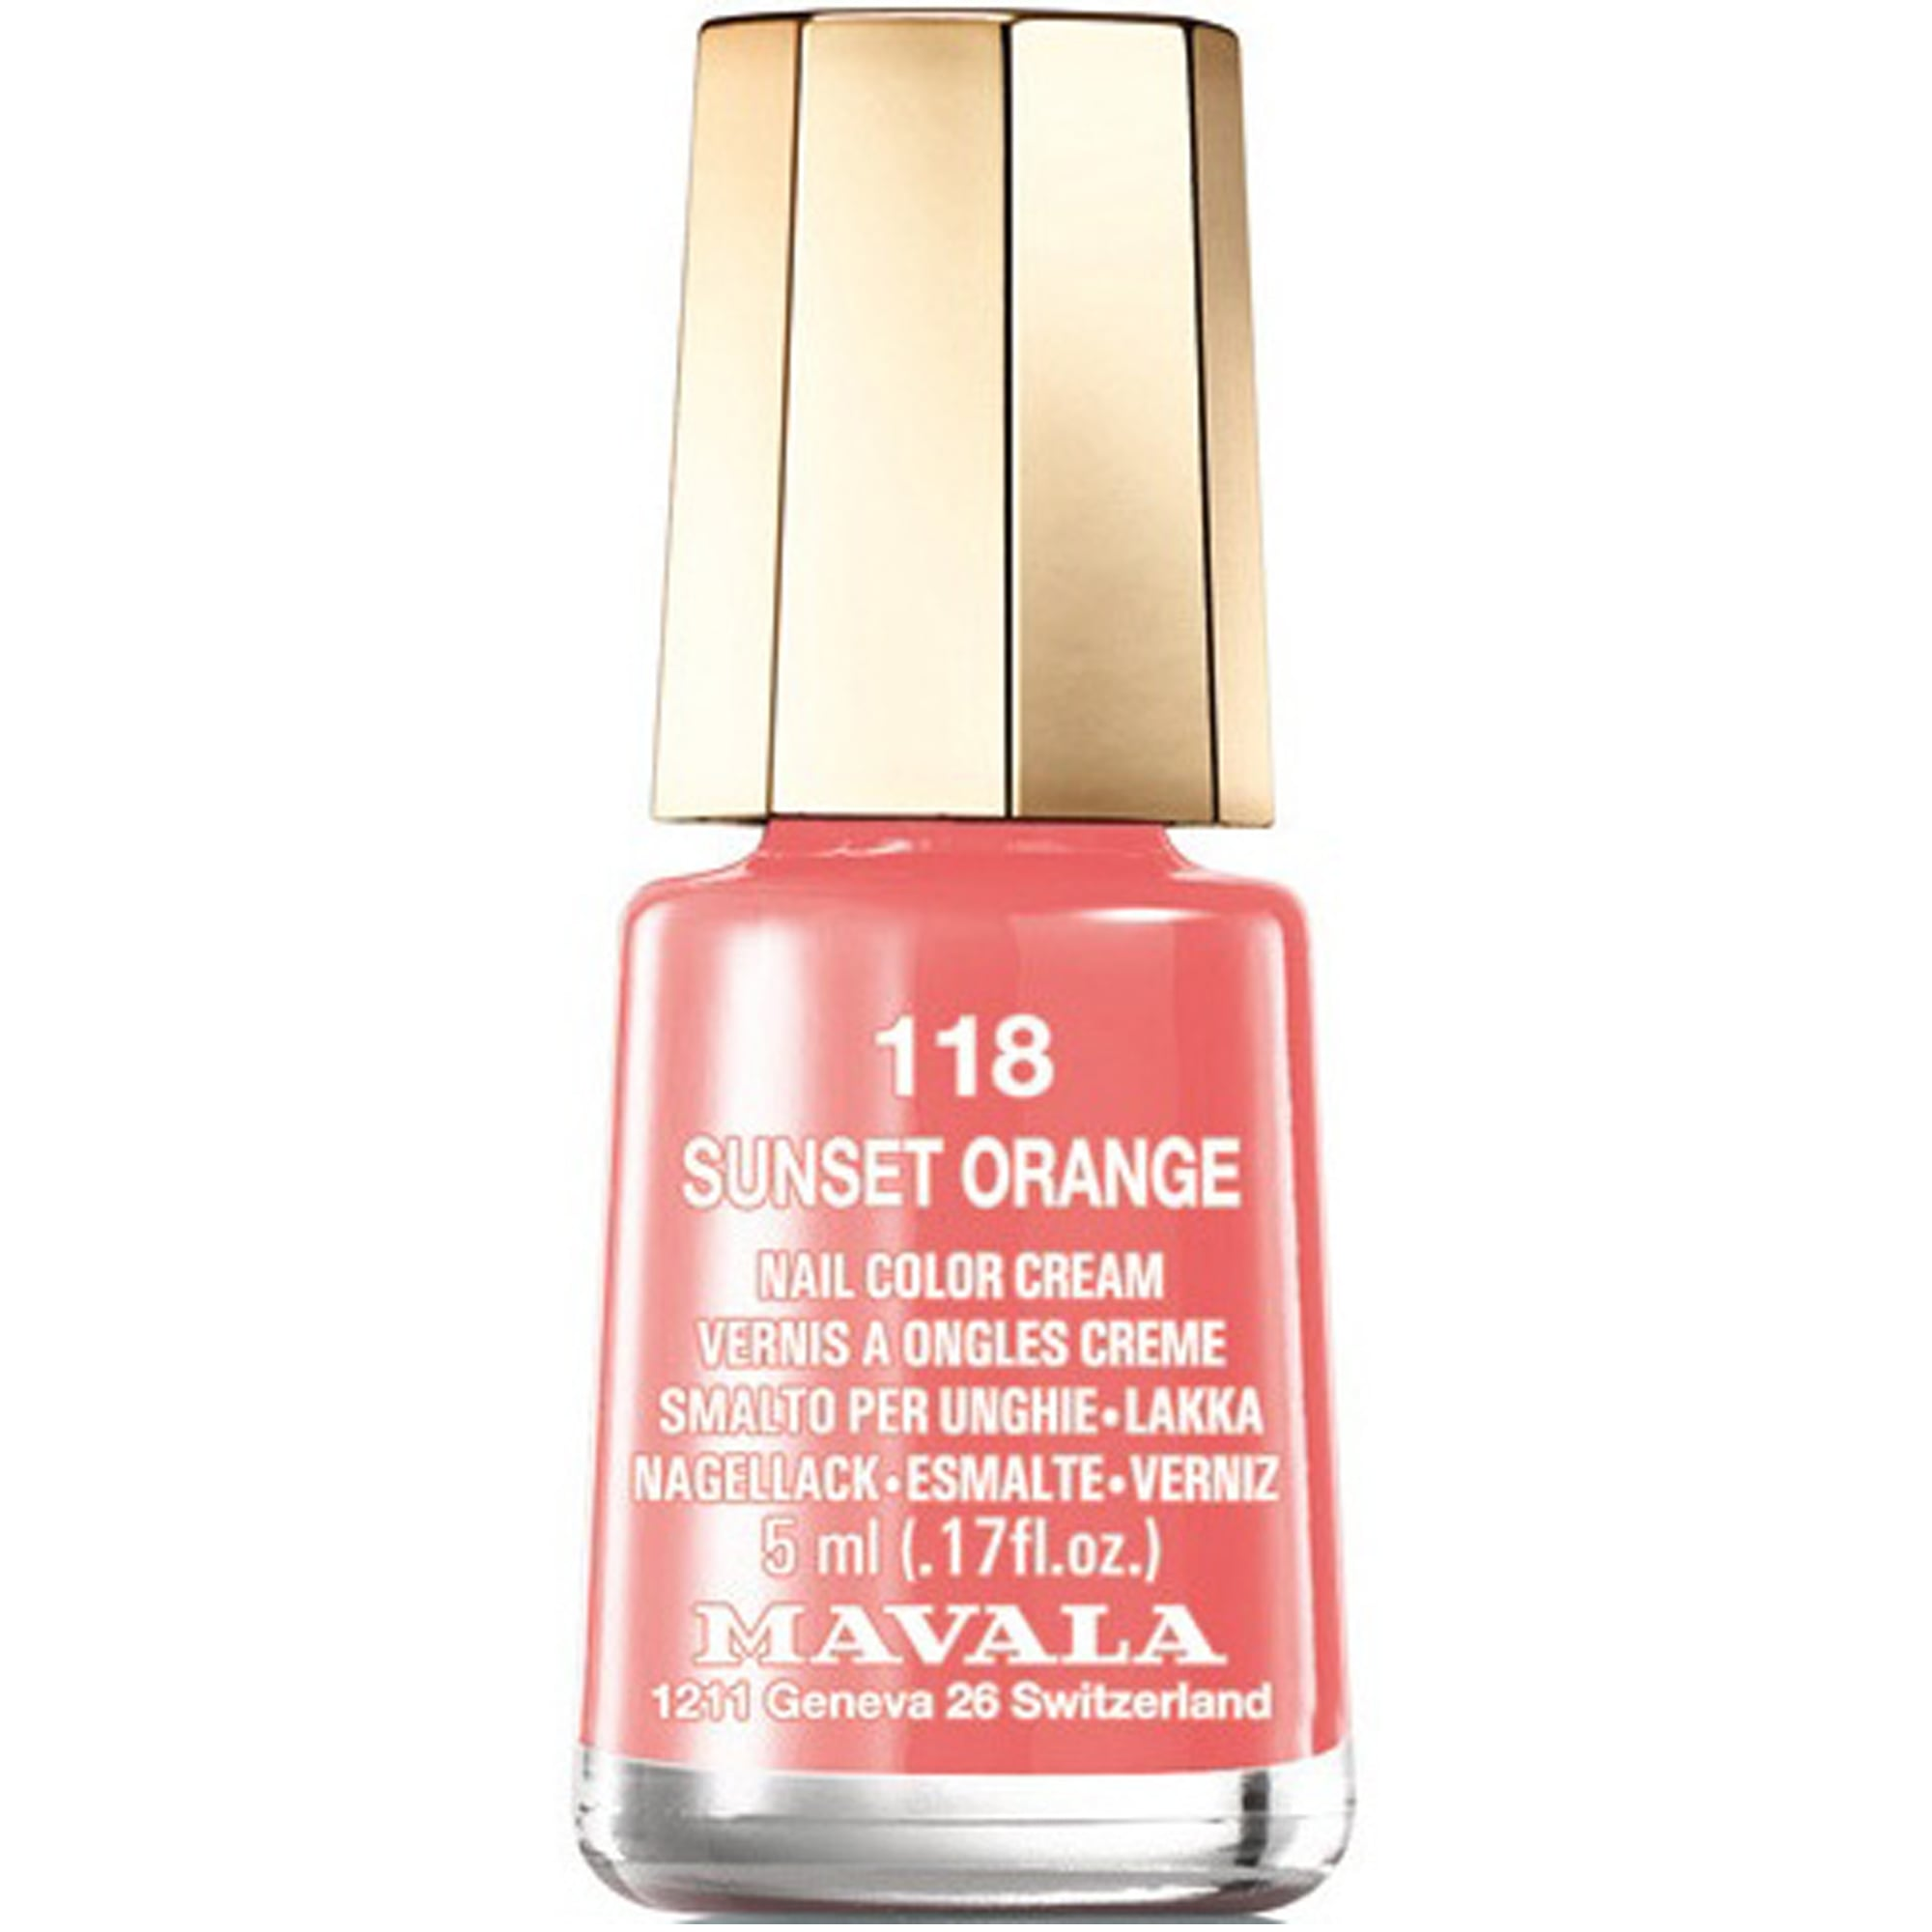 Mavala Mini Nail Color Creme Nail Polish